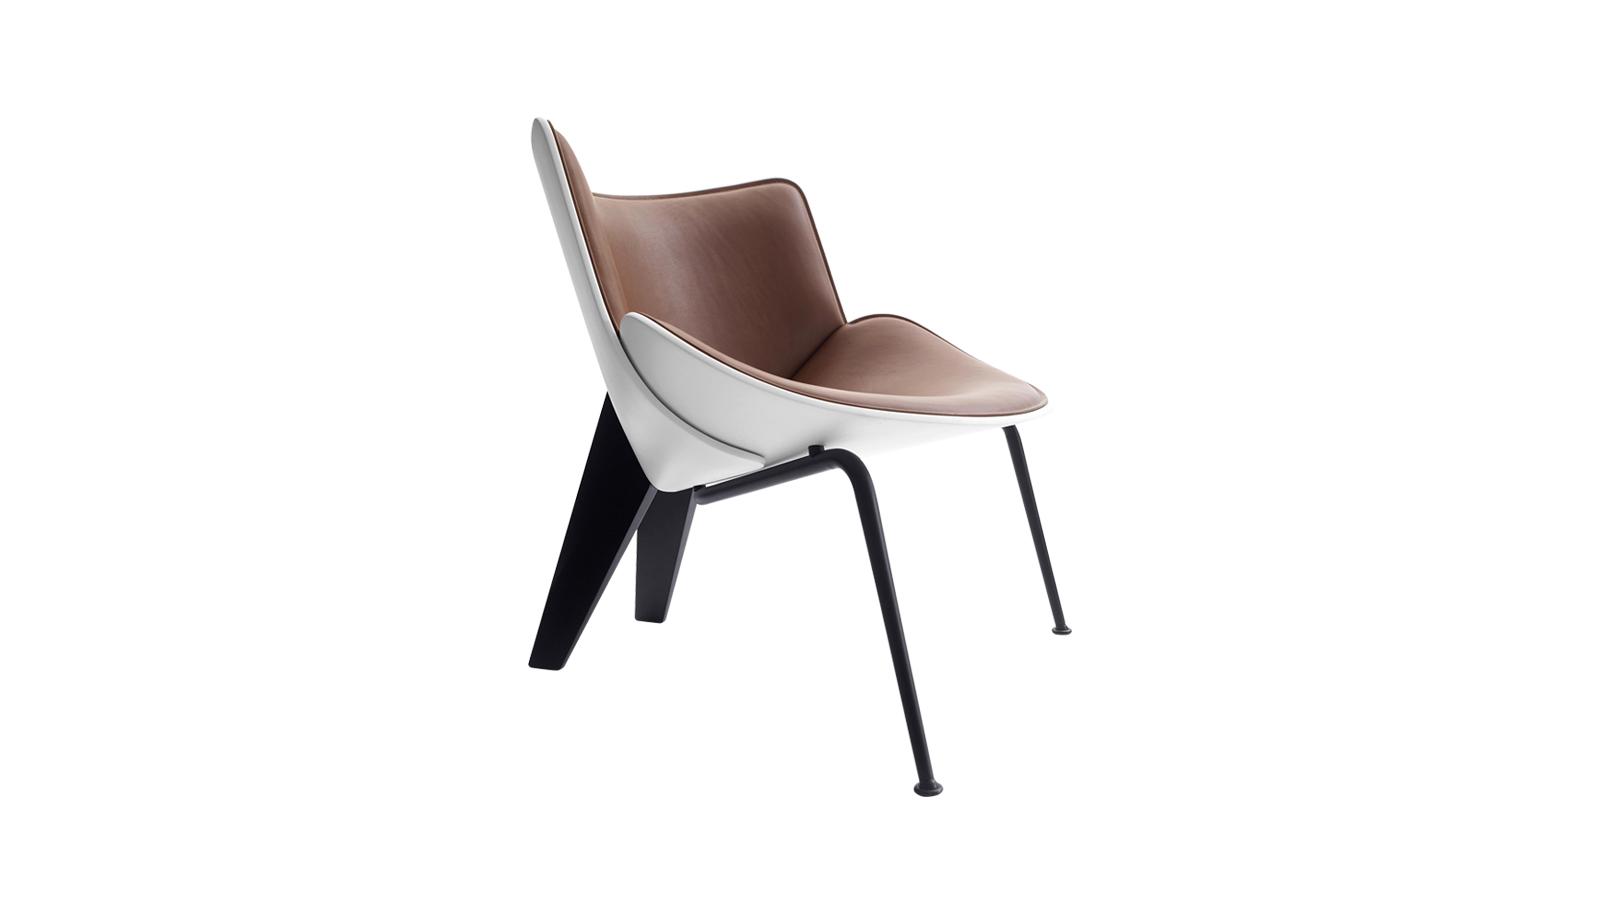 A Do-Maru szék formáját a japán szamuráj harcosok viselete ihlette: azok a festett és dekorált, vastag bőr lemezek, melyek a harcos testét védték. A szerkezet két, egymásra helyett és kárpitozott héjból áll, mleyet öntött alumínium lábazat támaszt alá. A bizonyos részleteiben az ötvenes évek stílusára emlékeztető bútort a Doshi-Levien designduó tervezte.